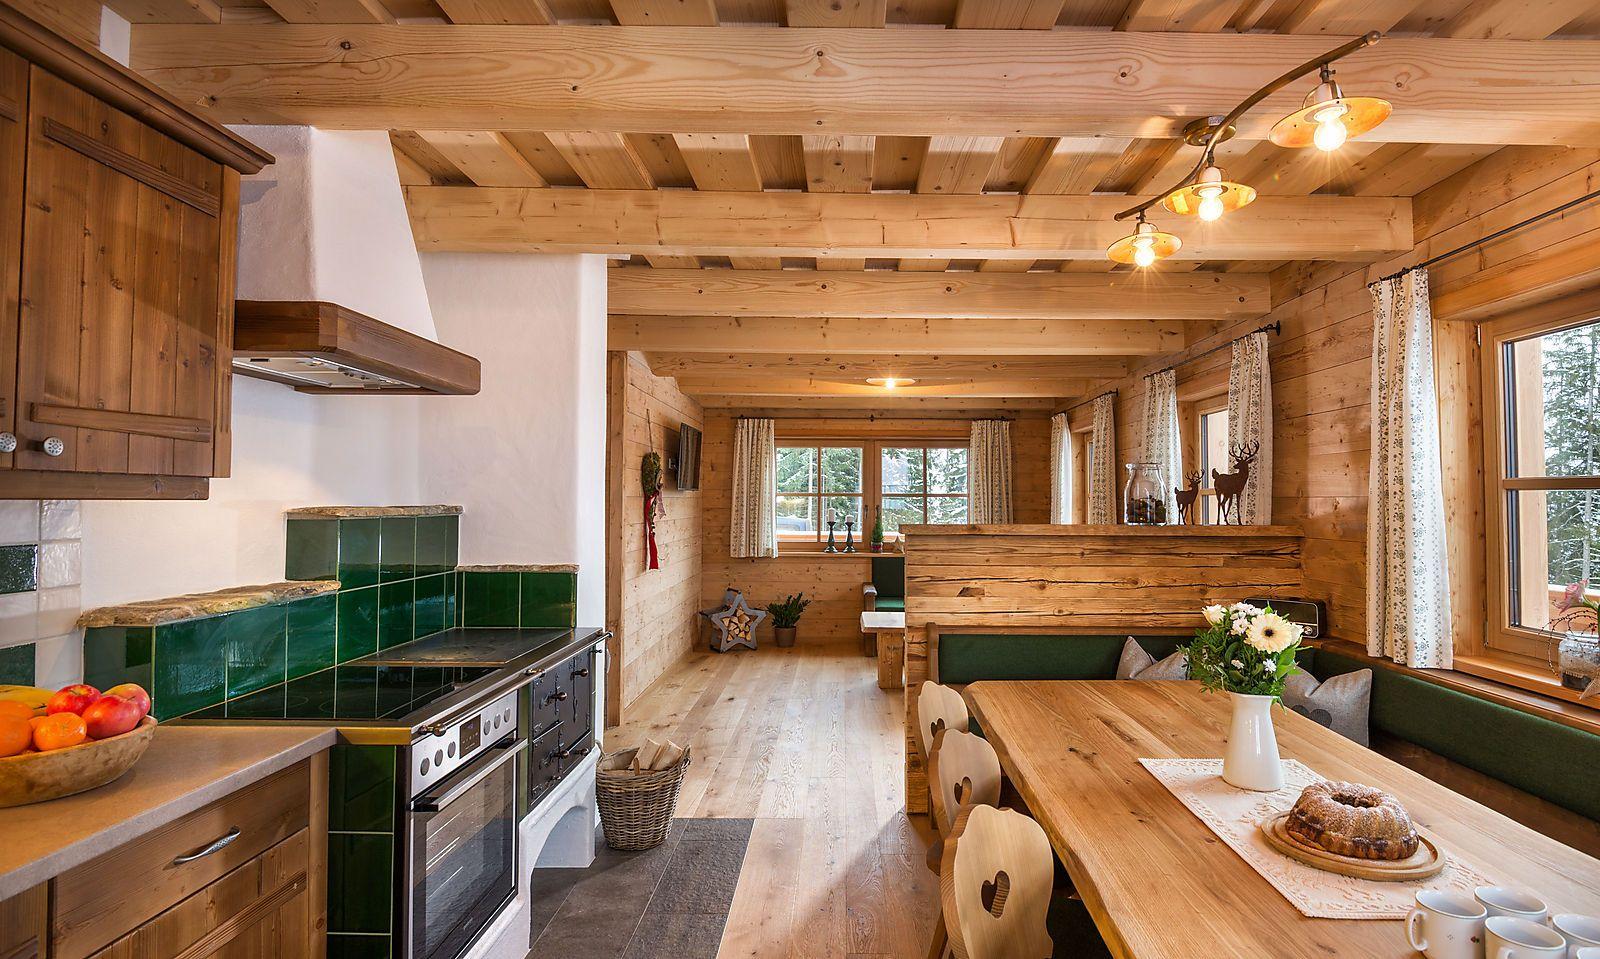 Hüttenatmosphäre de luxe im Skigebiet Hauser Kaibling.